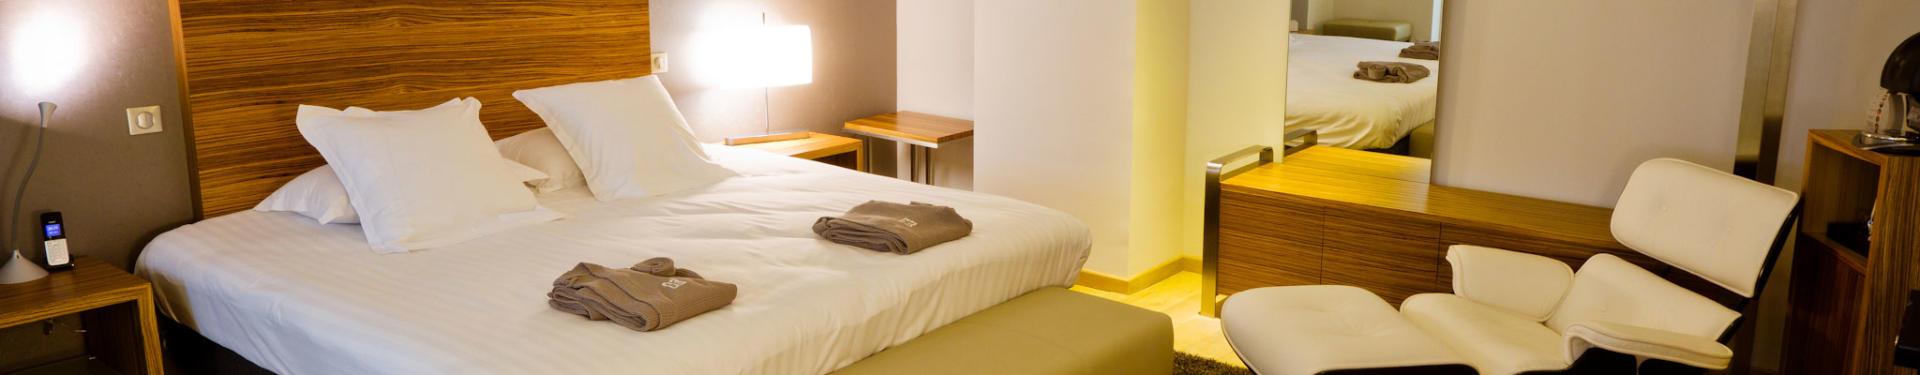 Chambre h tel jacuzzi alsace 4 saint louis la villa k - Hotel jacuzzi chambre alsace ...